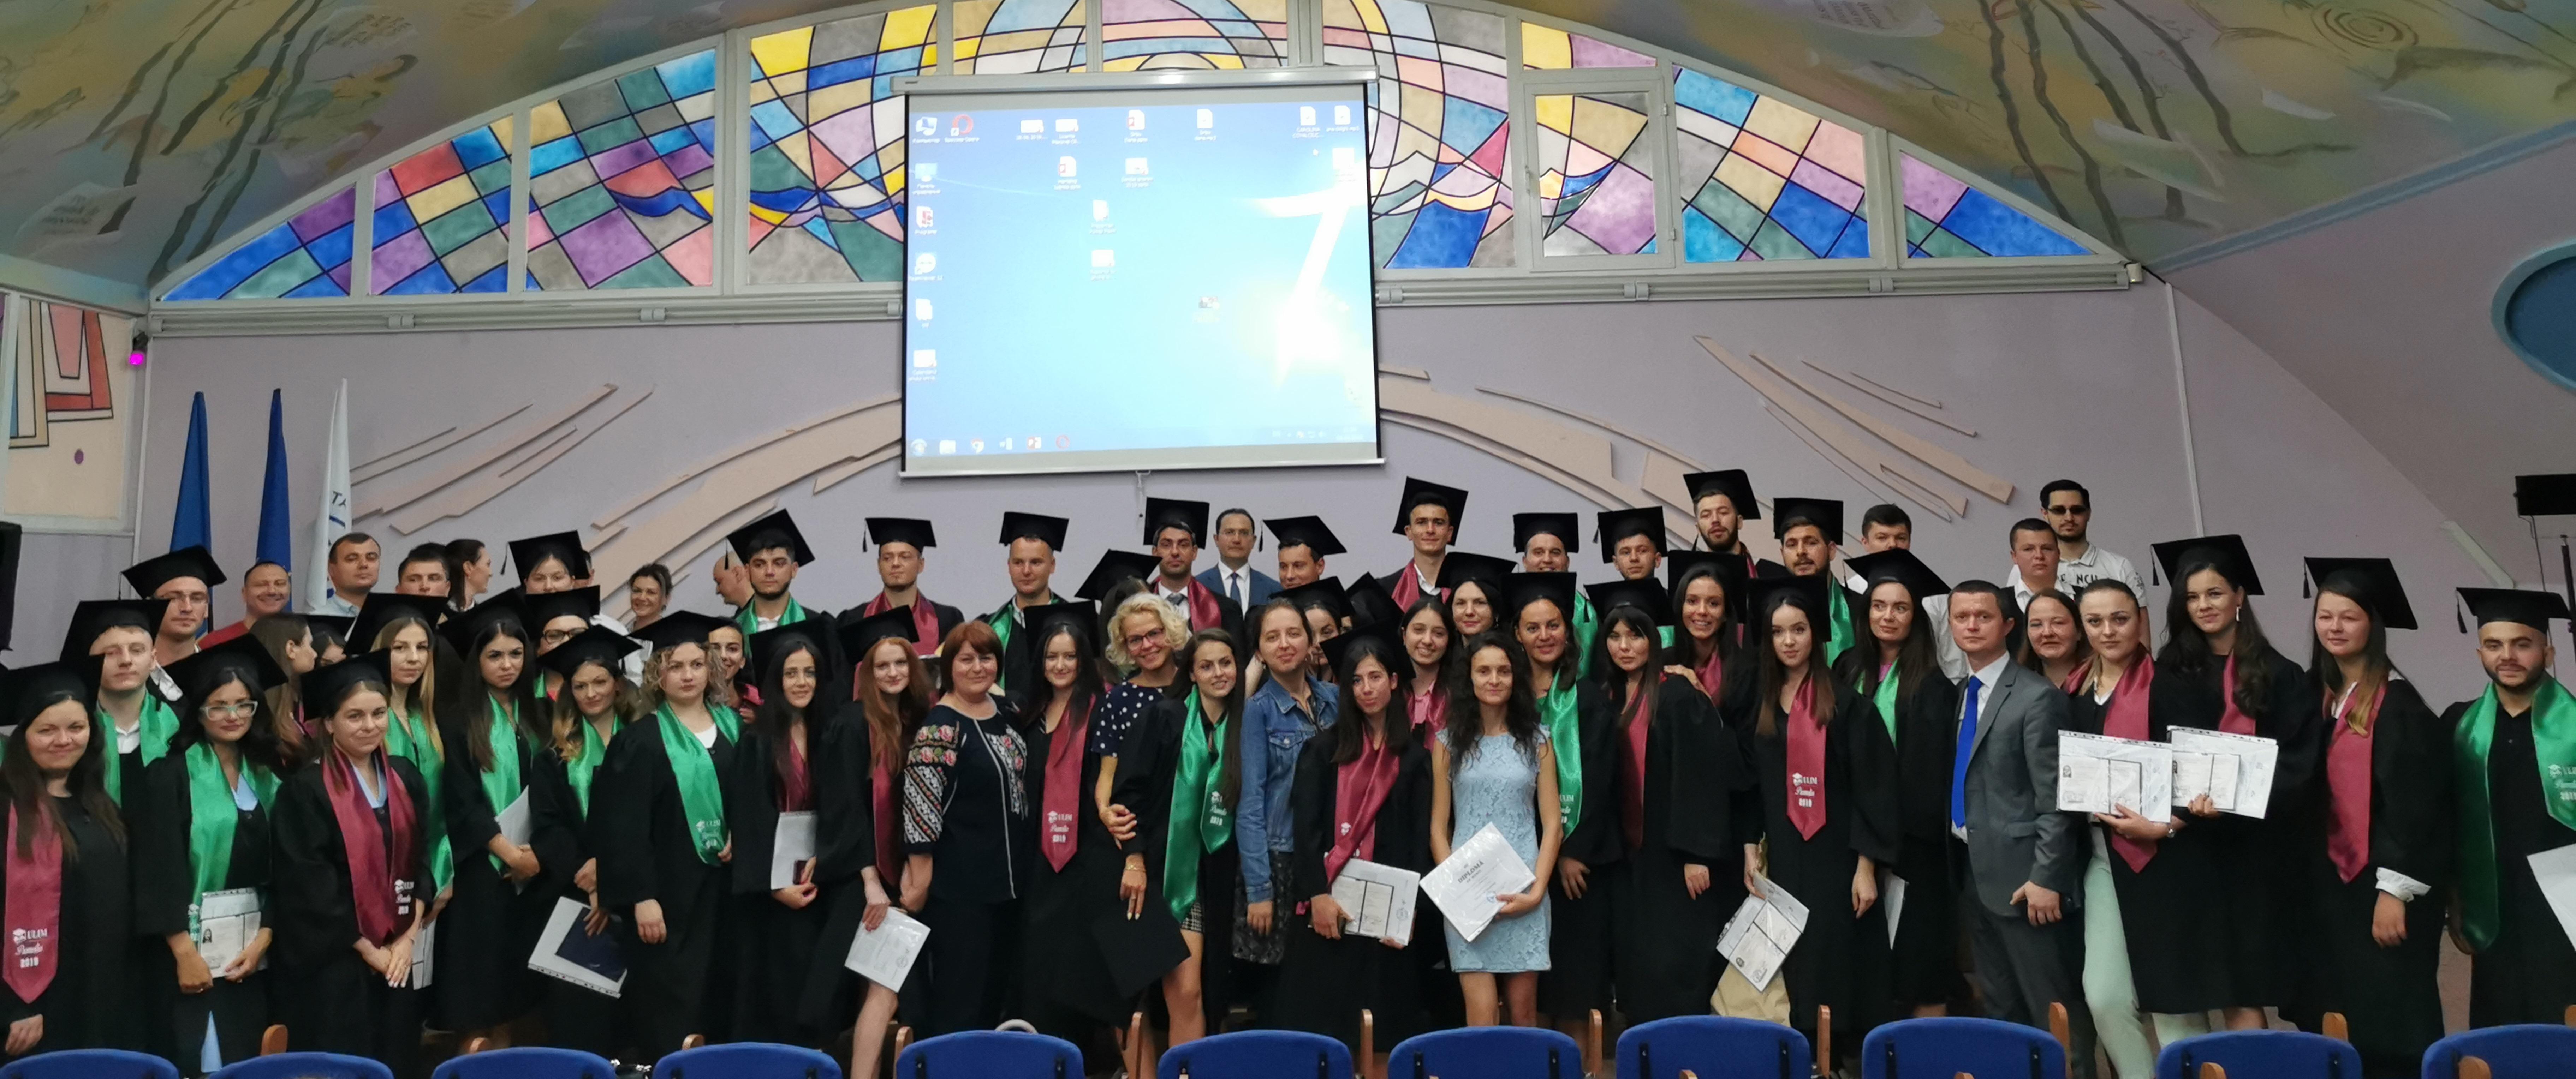 Absolvenții facultății Drept au celebrat finalizarea studiilor superioare de licență